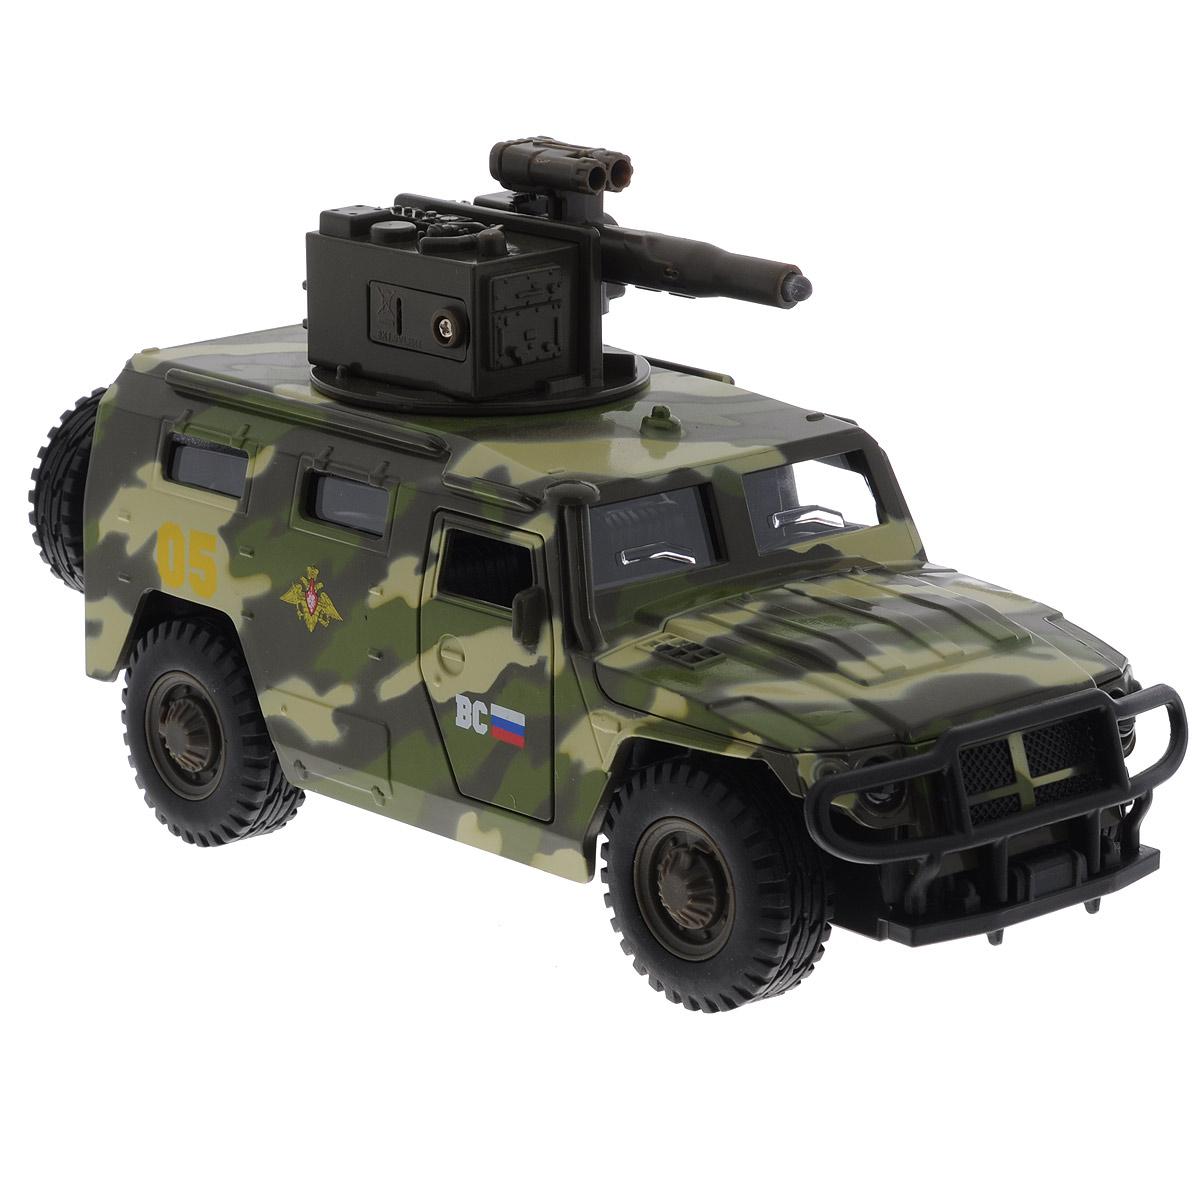 ТехноПарк Модель автомобиля ГАЗ ТигрCT12-392-G2Машинка ТехноПарк ГАЗ Тигр, выполненная из металла и пластика, станет любимой игрушкой вашего малыша. Игрушка представляет собой военный внедорожник ГАЗ Тигр, оснащенный открывающимися дверьми, капотом и багажником, а также вращающейся башней с пушкой. При нажатии кнопки на пушке кончик дула начинает светиться, при этом слышны звуки стрельбы и команды Огонь! В атаку!. Прорезиненные колеса обеспечивают надежное сцепление с любой поверхностью пола. Ваш ребенок будет часами играть с этой машинкой, придумывая различные истории. Порадуйте его таким замечательным подарком! Машинка работает от батареек (товар комплектуется демонстрационными).